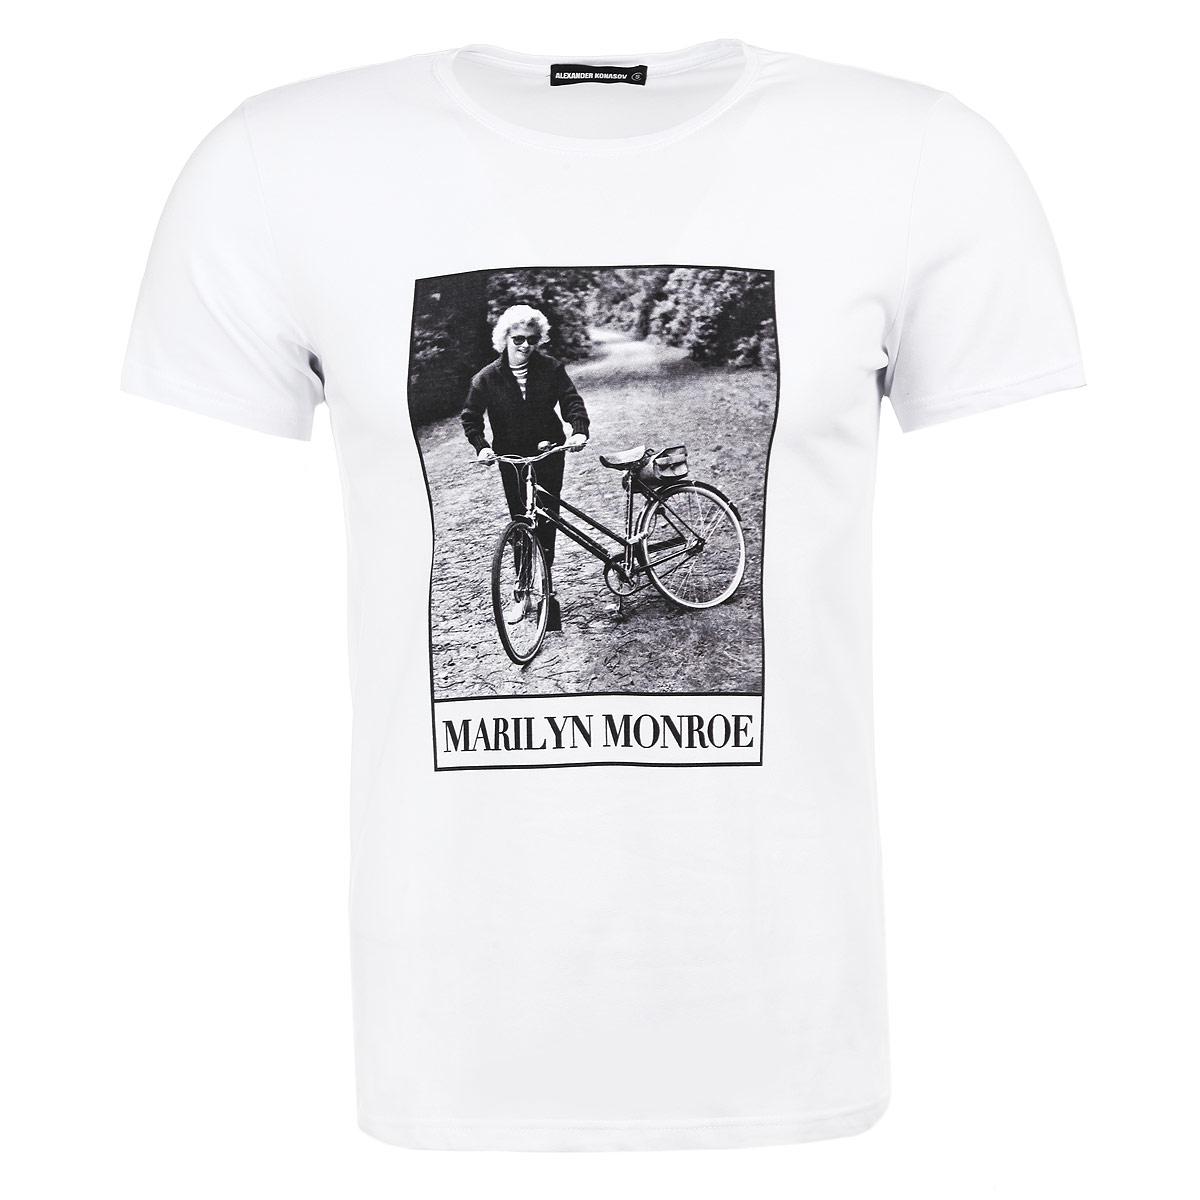 Футболка мужская. Мерлин Монро на велопрогулкеМерлин Монро на велопрогулкеМужская футболка Alexander Konasov с коротким рукавом и круглой горловиной выполнена из хлопка с добавлением лайкры. Она необычайно мягкая и приятная на ощупь, не сковывает движения и позволяет коже дышать, обеспечивая наибольший комфорт. Модель оформлена принтом с изображением легендарной Мэрилин Монро. Такая футболка отлично дополнит ваш образ и позволит выделиться из толпы.